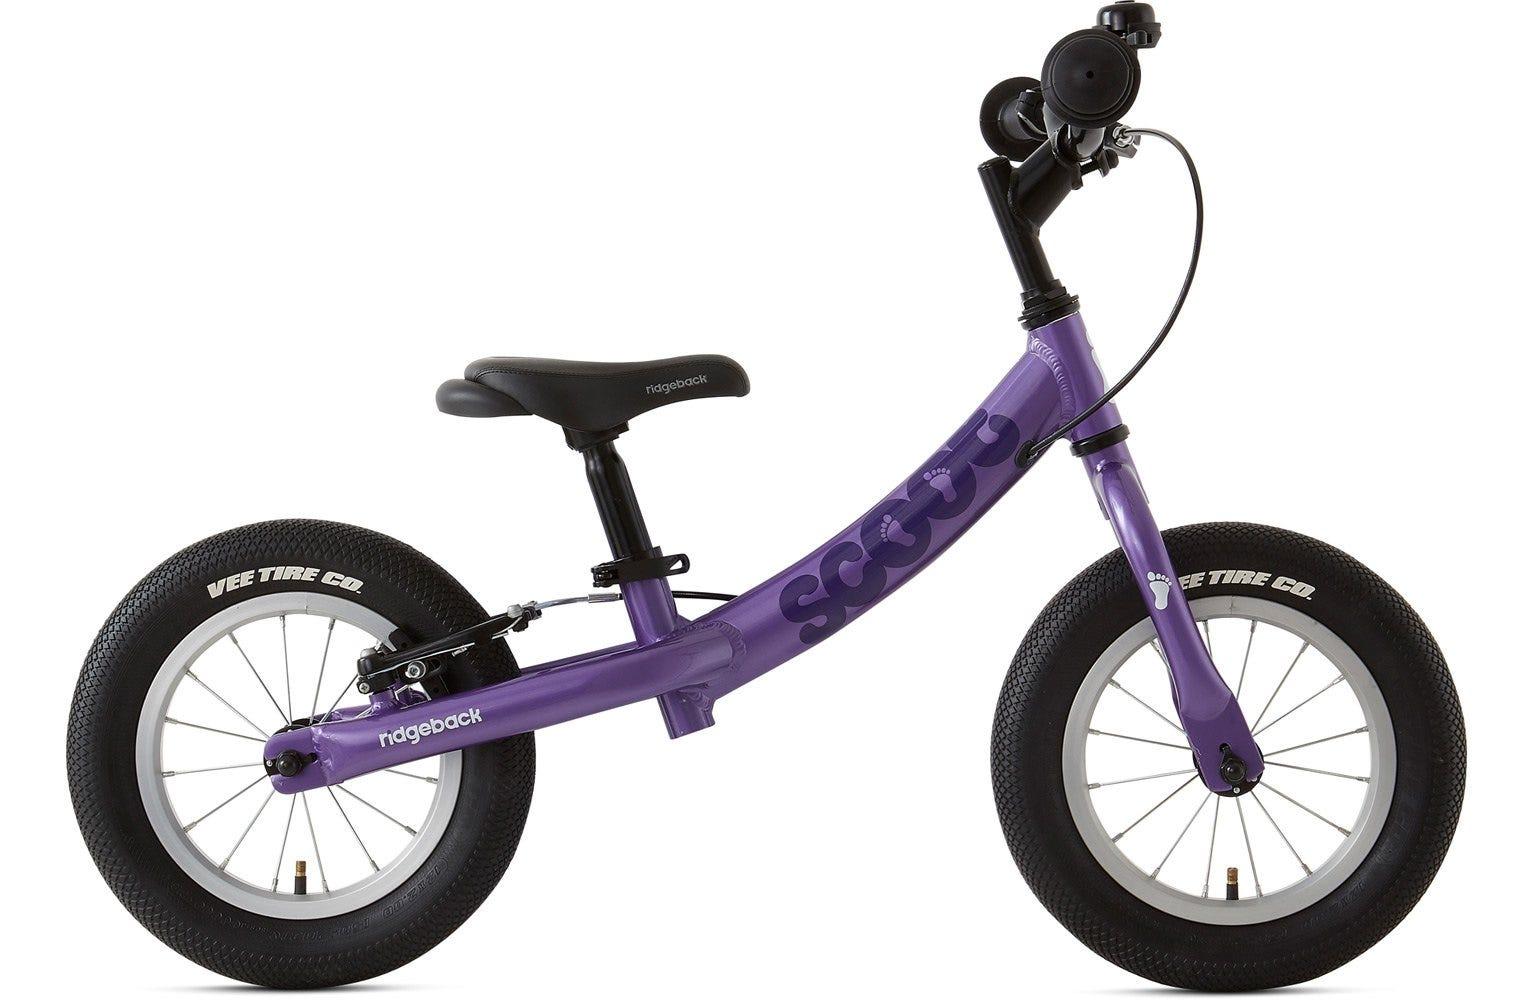 Ridgeback 2020 SCOOT PURPLE Bike sample (unused)